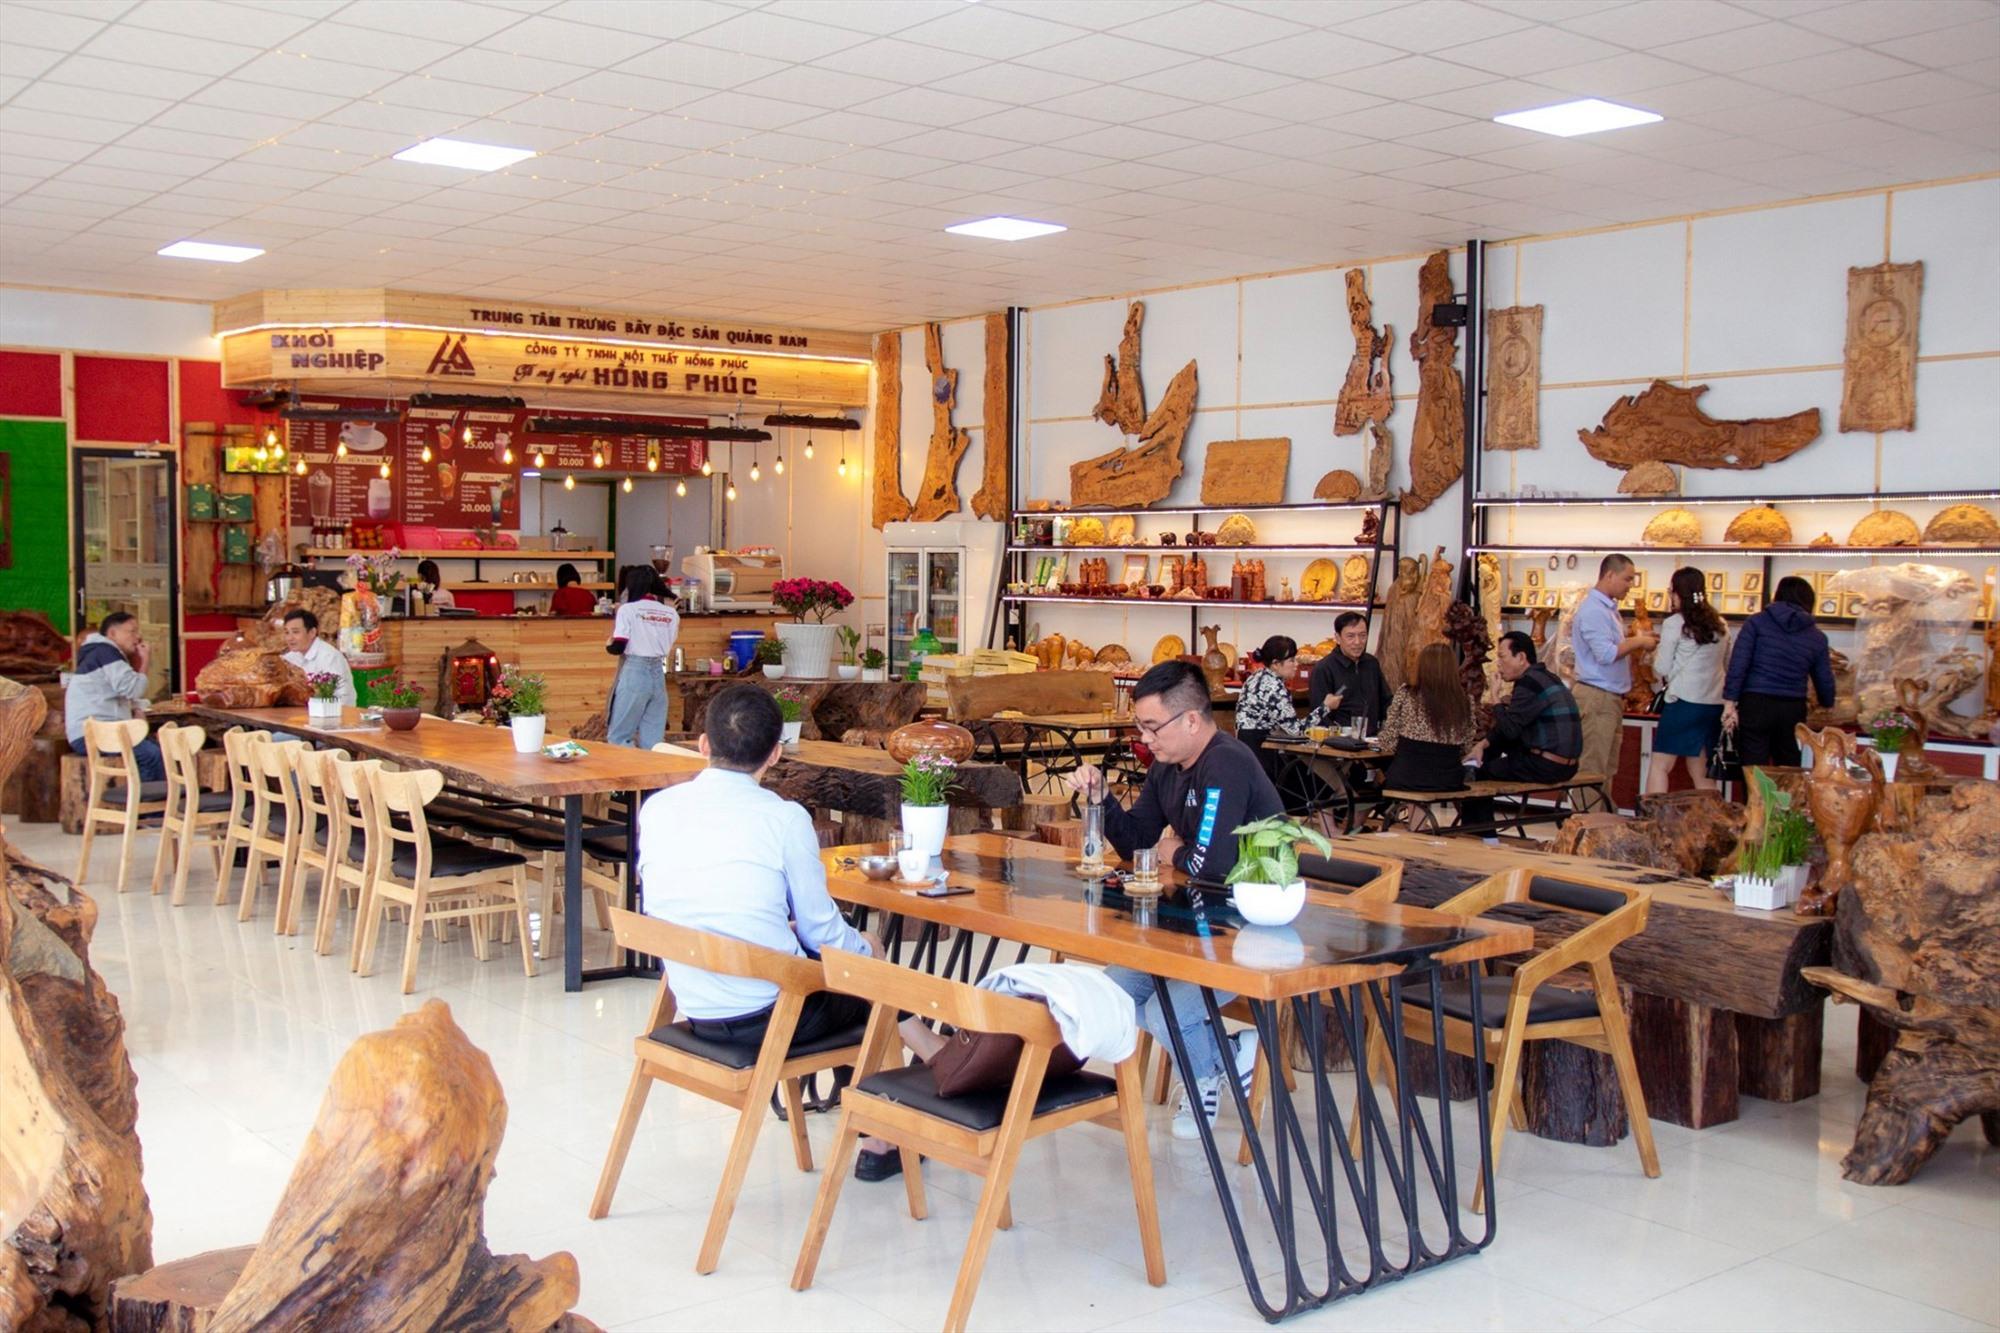 Sản phẩm mỹ nghệ từ quế và từ gỗ lũa, gỗ mục của Công ty Hồng Phúc trưng bày tại quán cà phê Khởi nghiệp. Ảnh: C.N